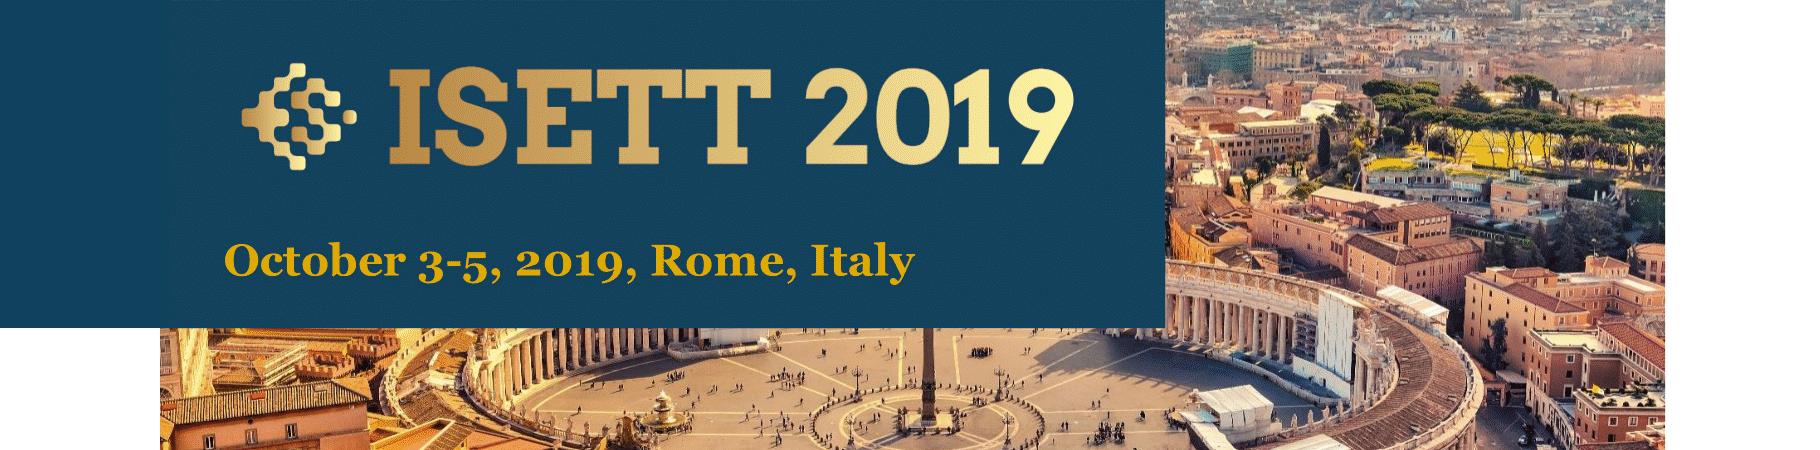 TRElab will be at ISETT 2019!